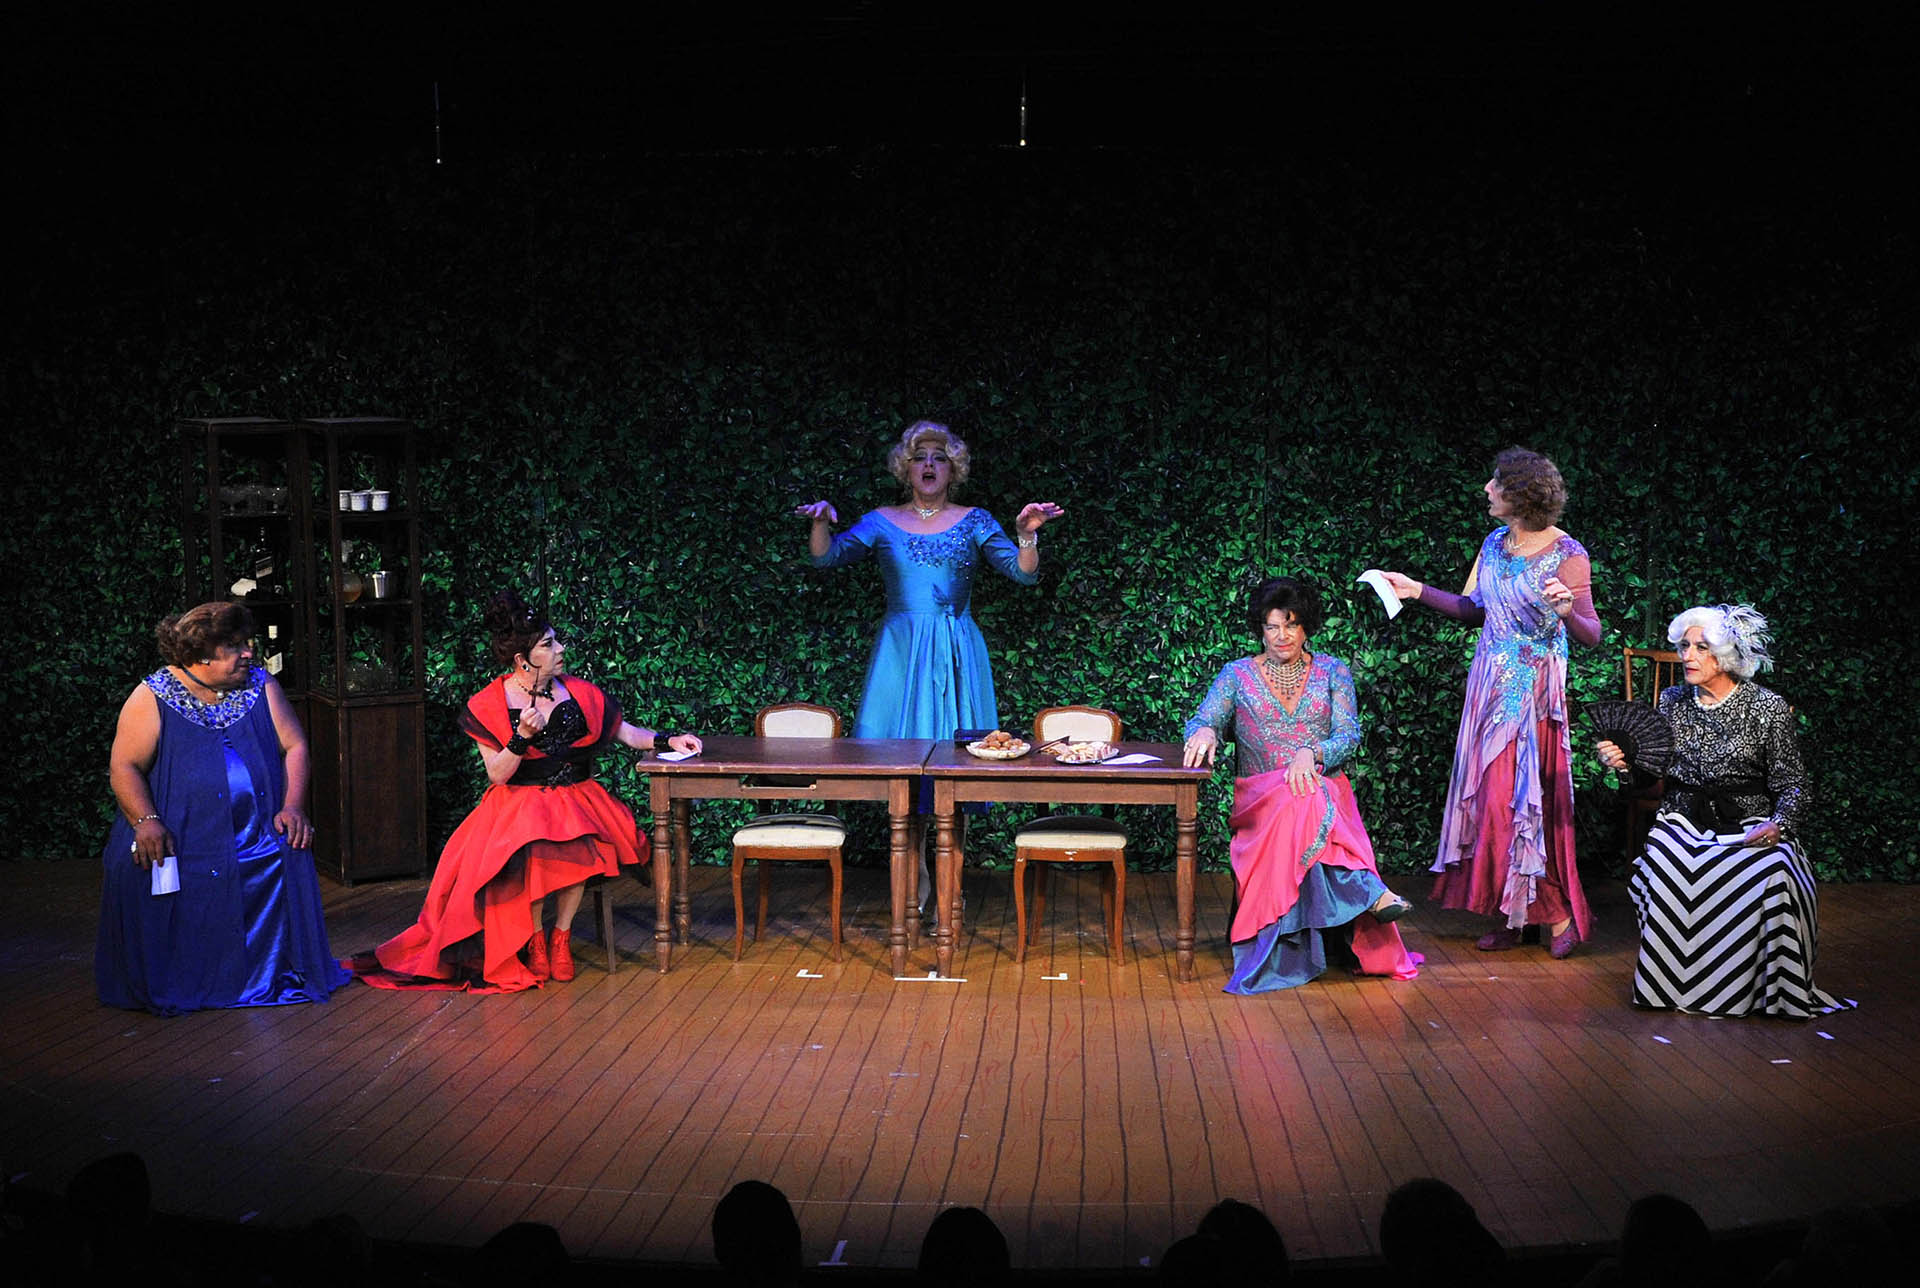 Todos sus compañeros coincidieron en destacar el enorme aporte creativo de Pachano a la pieza teatral